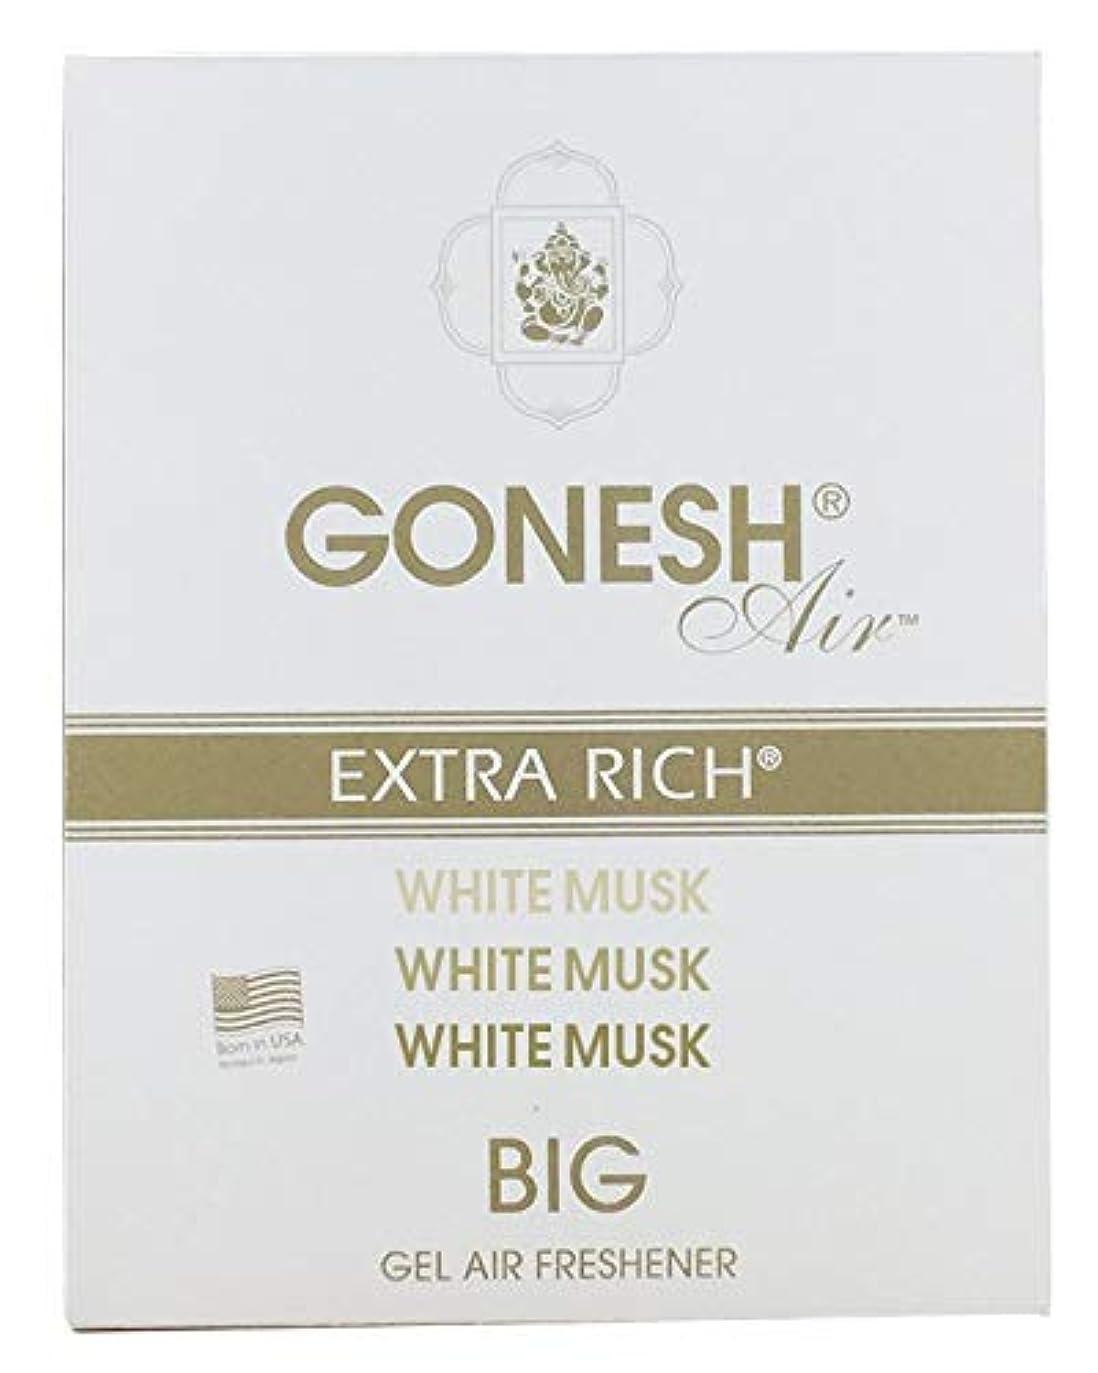 キャベツ禁止配送GONESH ビッグゲルエアフレシュナー ホワイトムスク